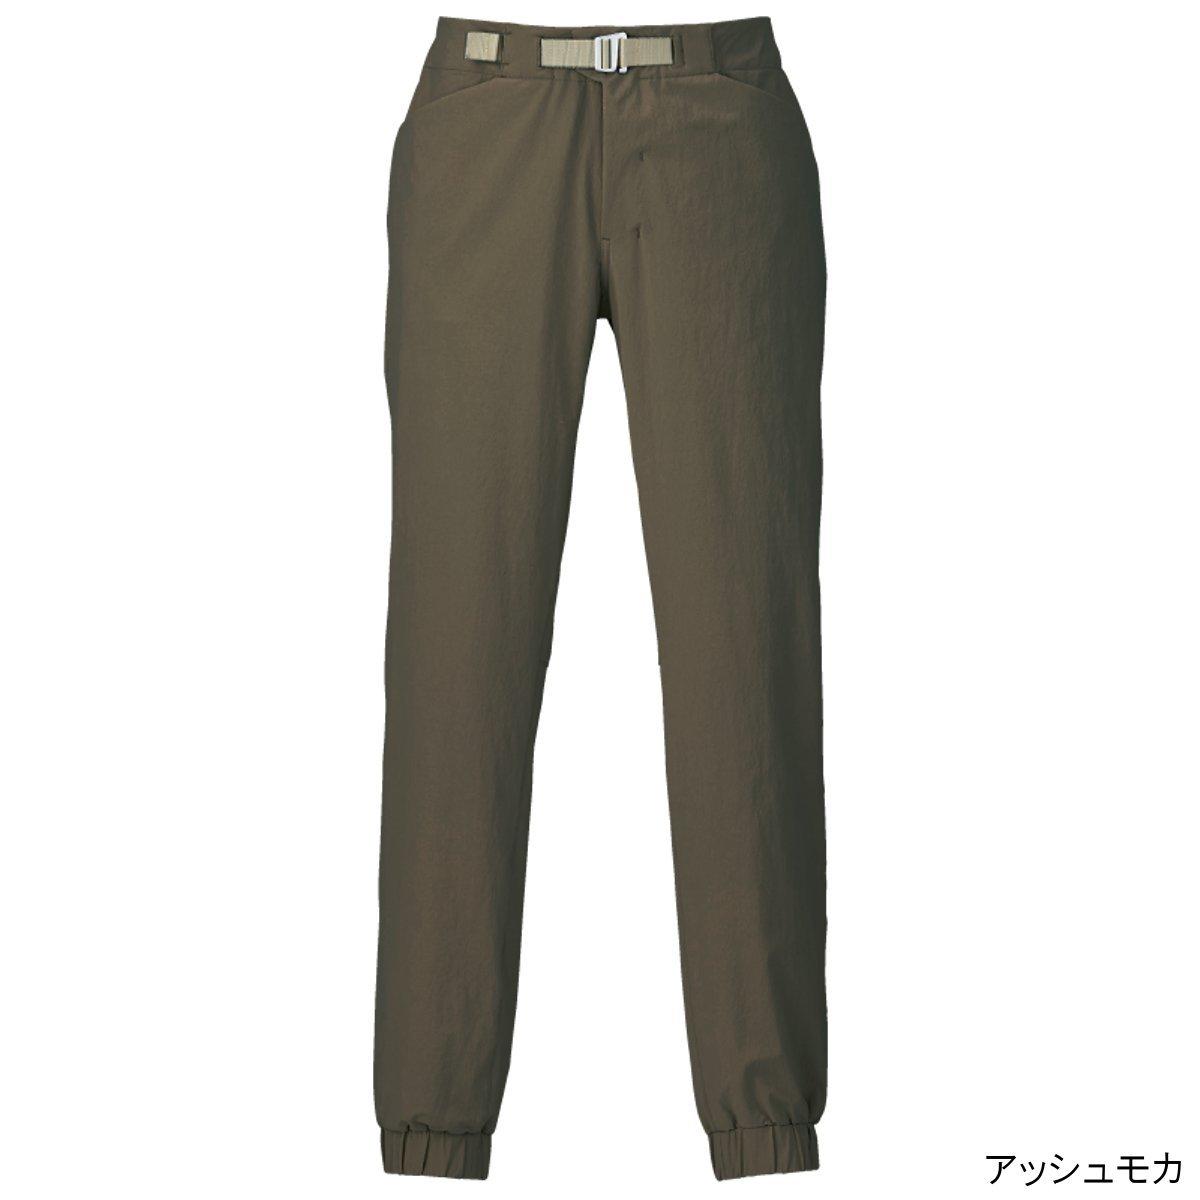 ダイワ(Daiwa) 防水パンツ 強撥水ストレッチパンツ DP-8007 アッシュモカ L